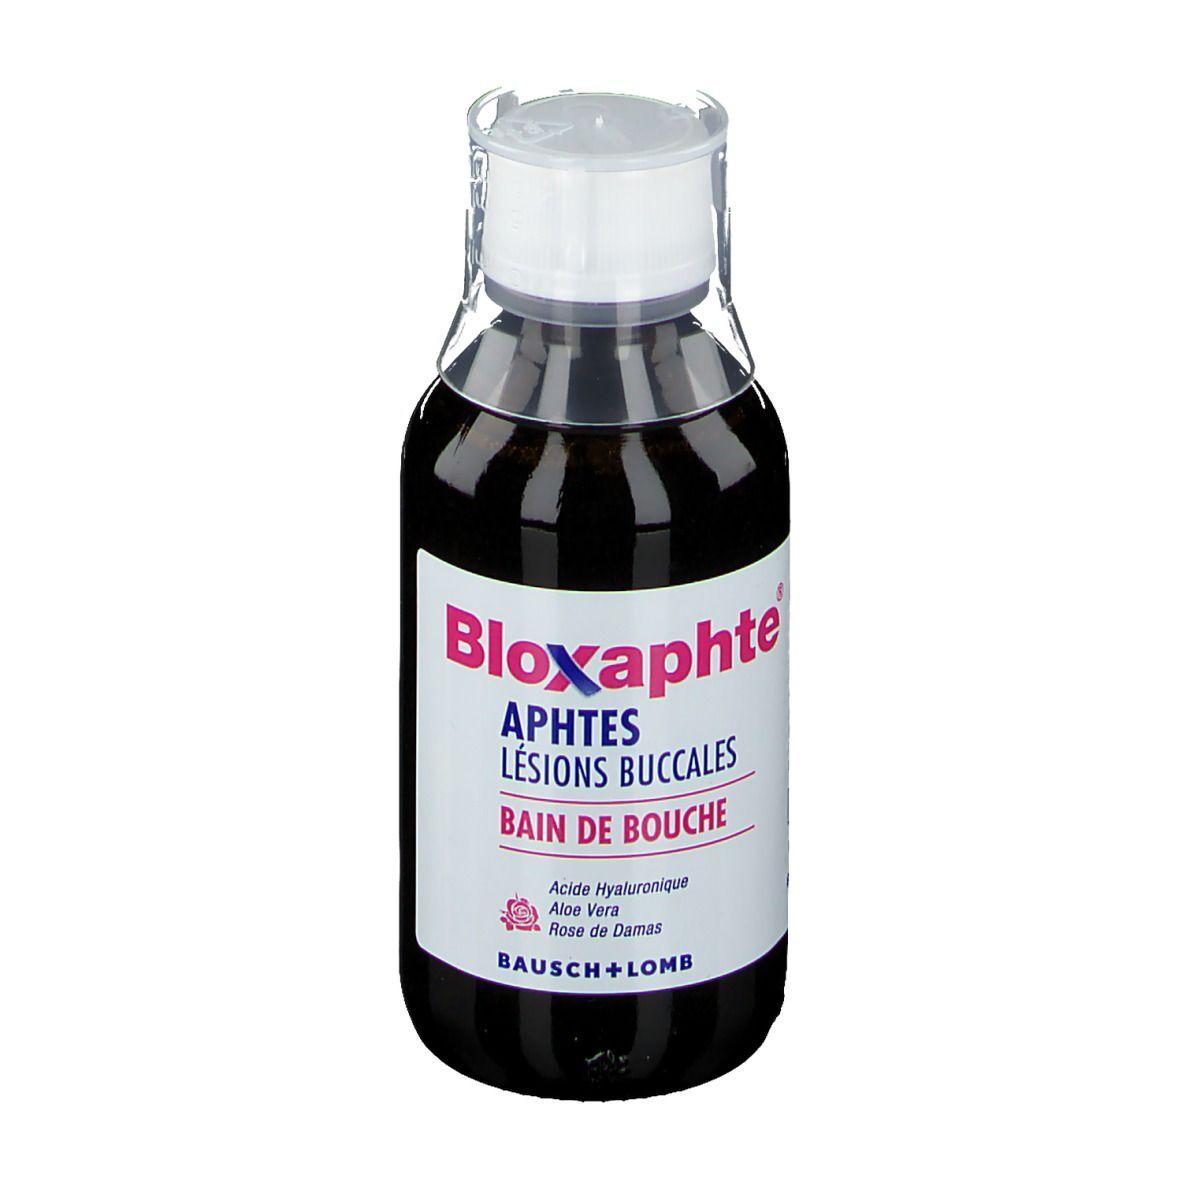 BloXaphte® Bain de Bouche à l'acide hyaluronique ml bain de bouche